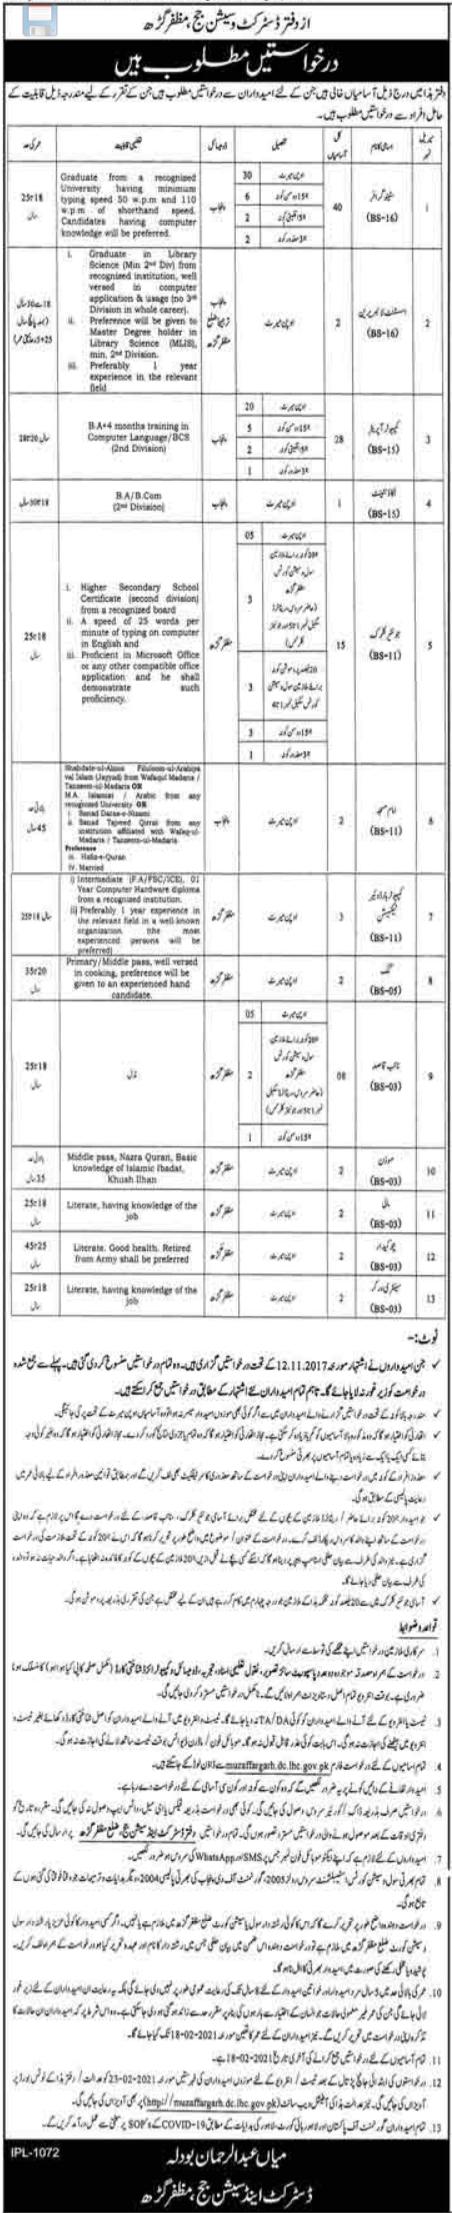 District Session Judge Office Muzaffargarh Jobs Test Result